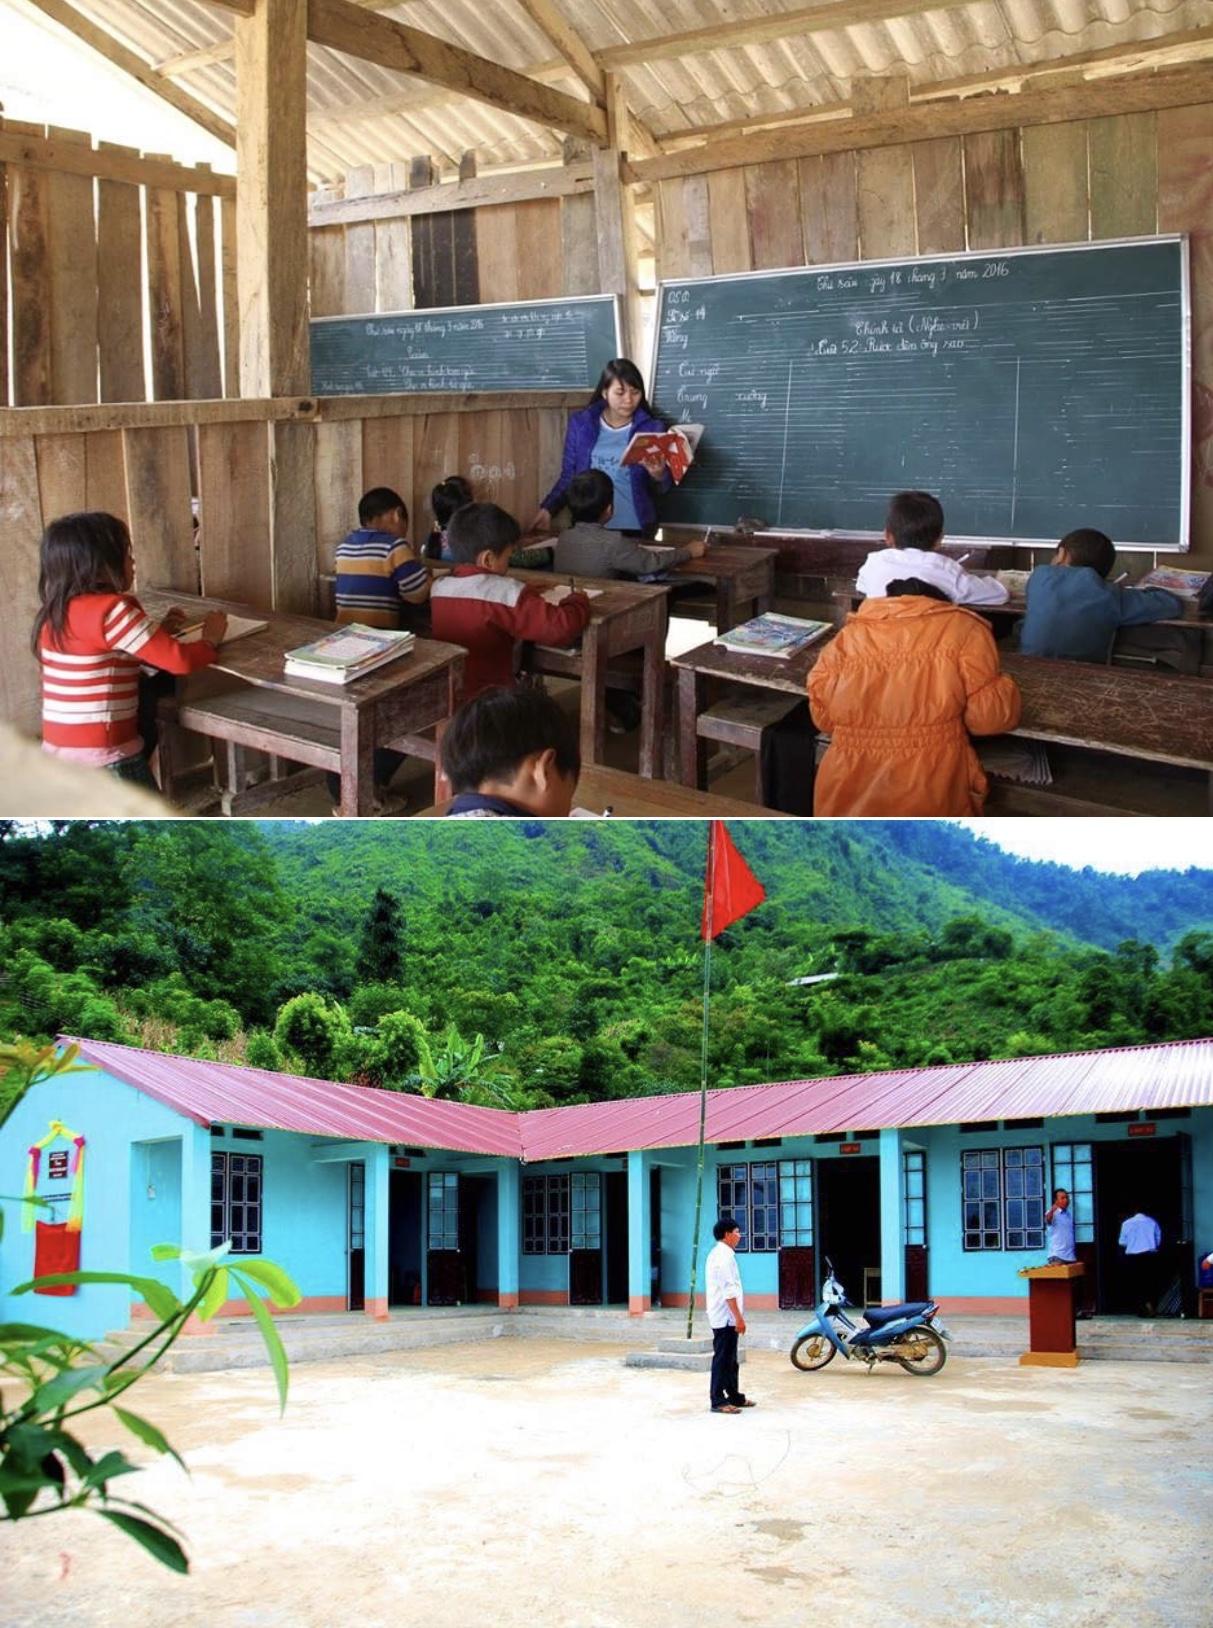 Điểm trường Phân hiệu Lán Bò thuộc Trường Tiểu học Nậm Chày, huyện Văn Bàn, tỉnh Lào Cai trước và sau khi được hỗ trợ xây dựng mới.